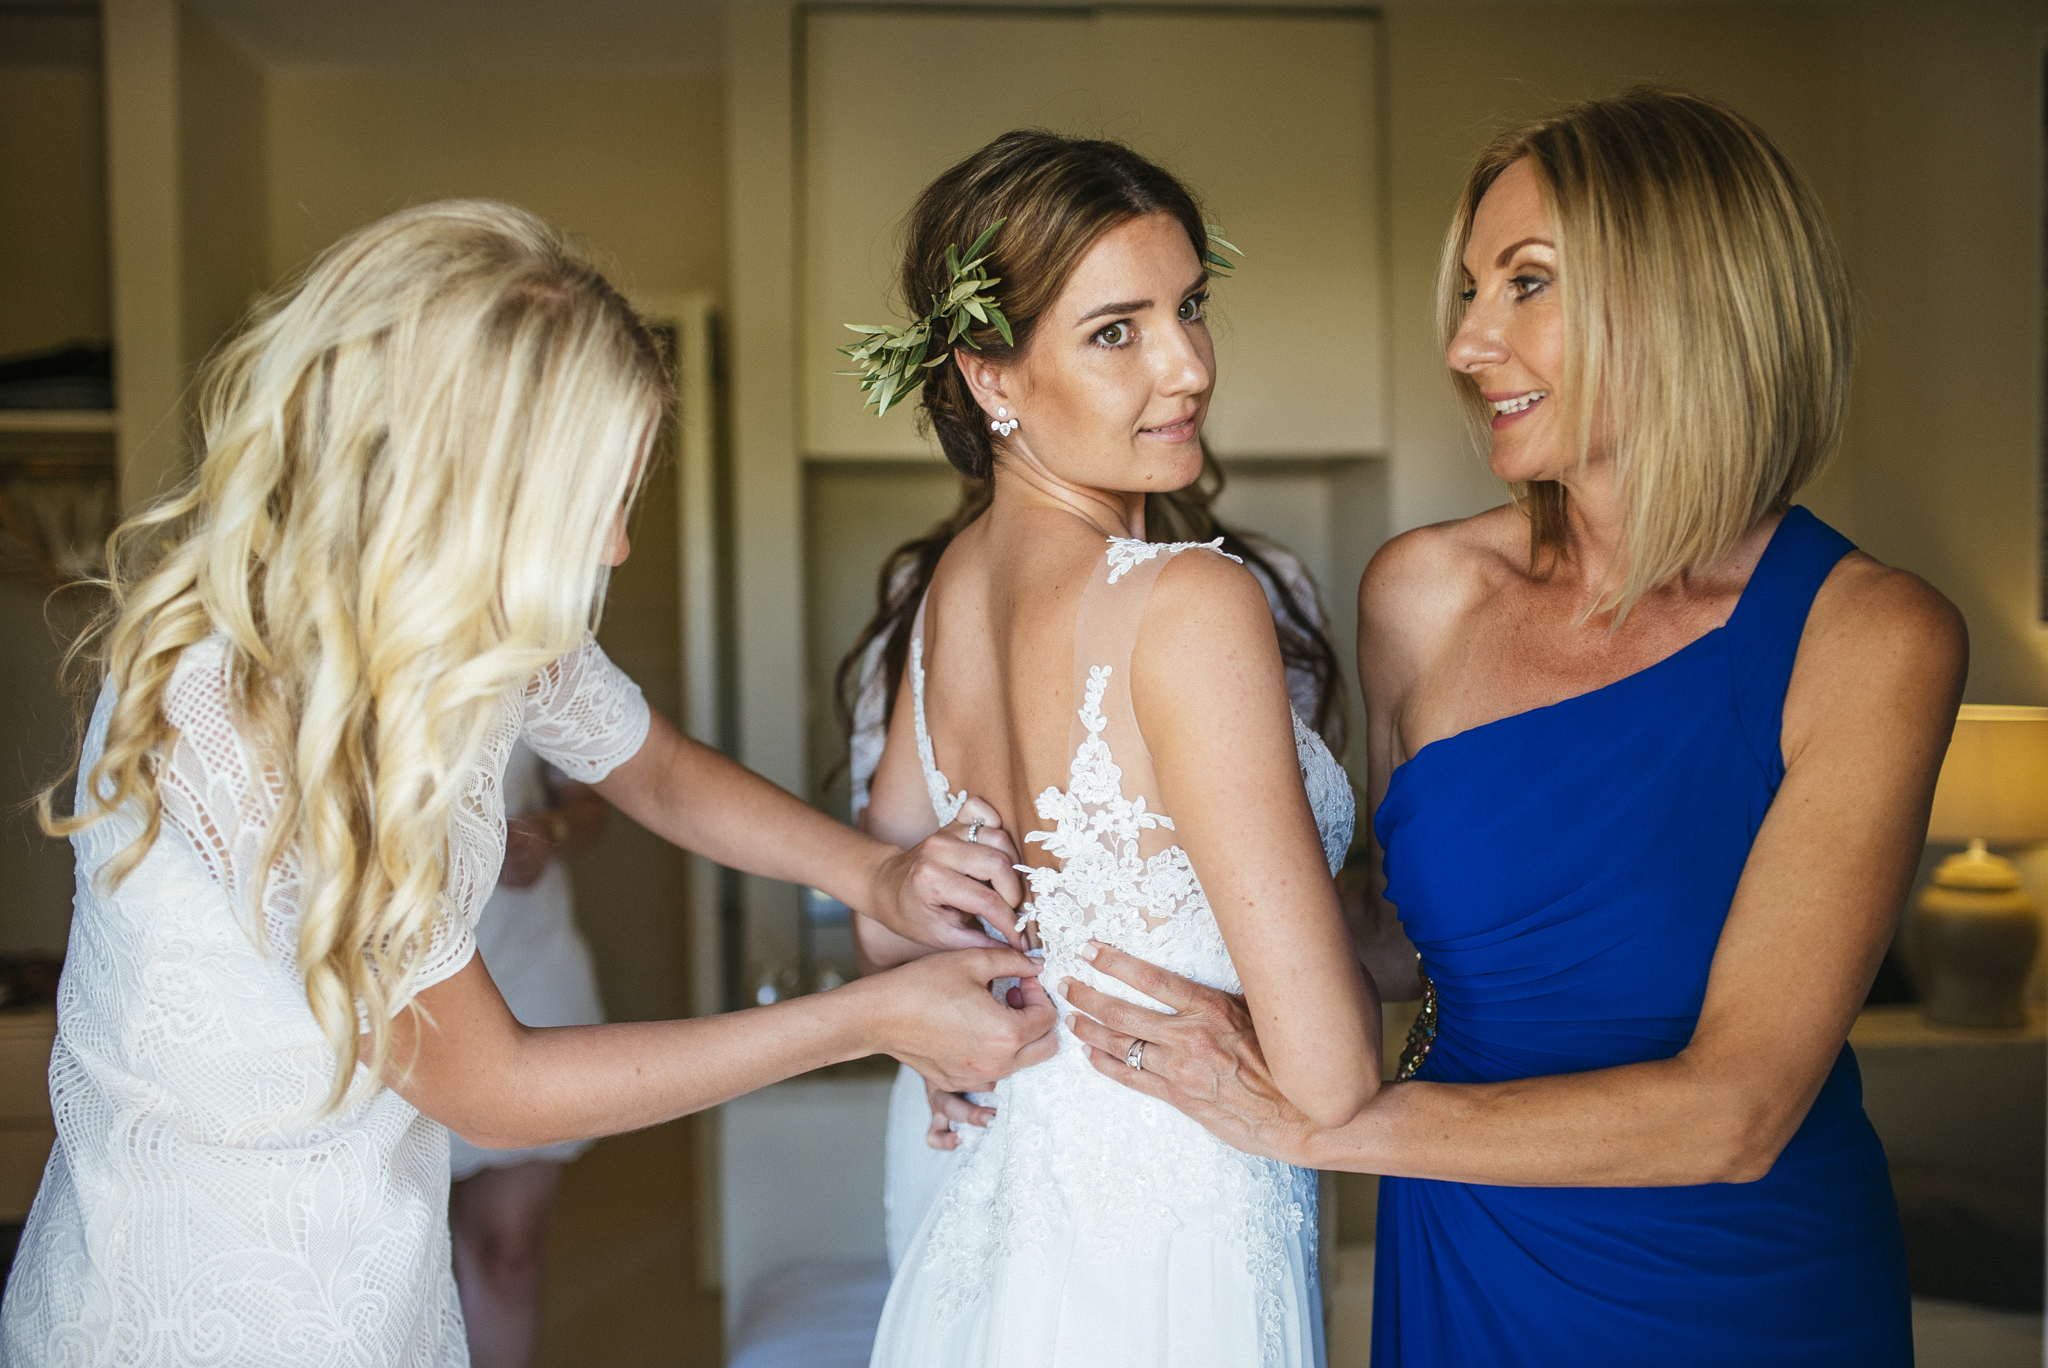 προετοιμασια νυφης φωτο